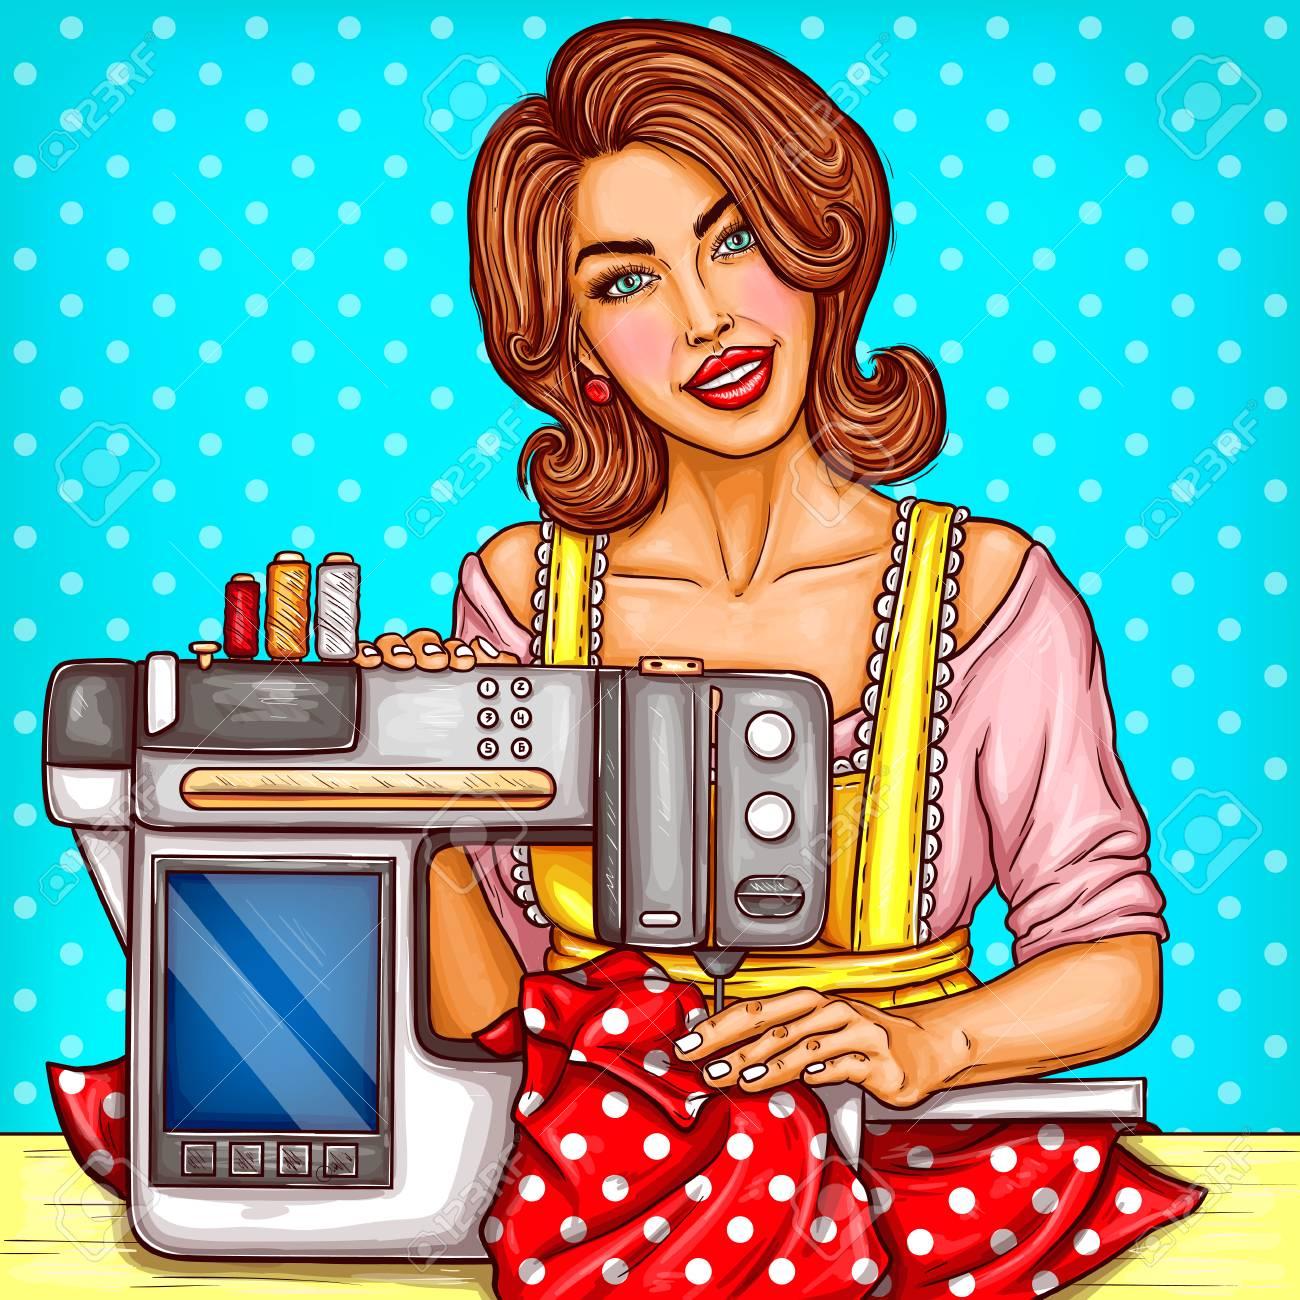 Couturière de jolie femme de vecteur coud sur une machine à coudre moderne  avec affichage. Couture, passe-temps pour femme au foyer, couturière dans